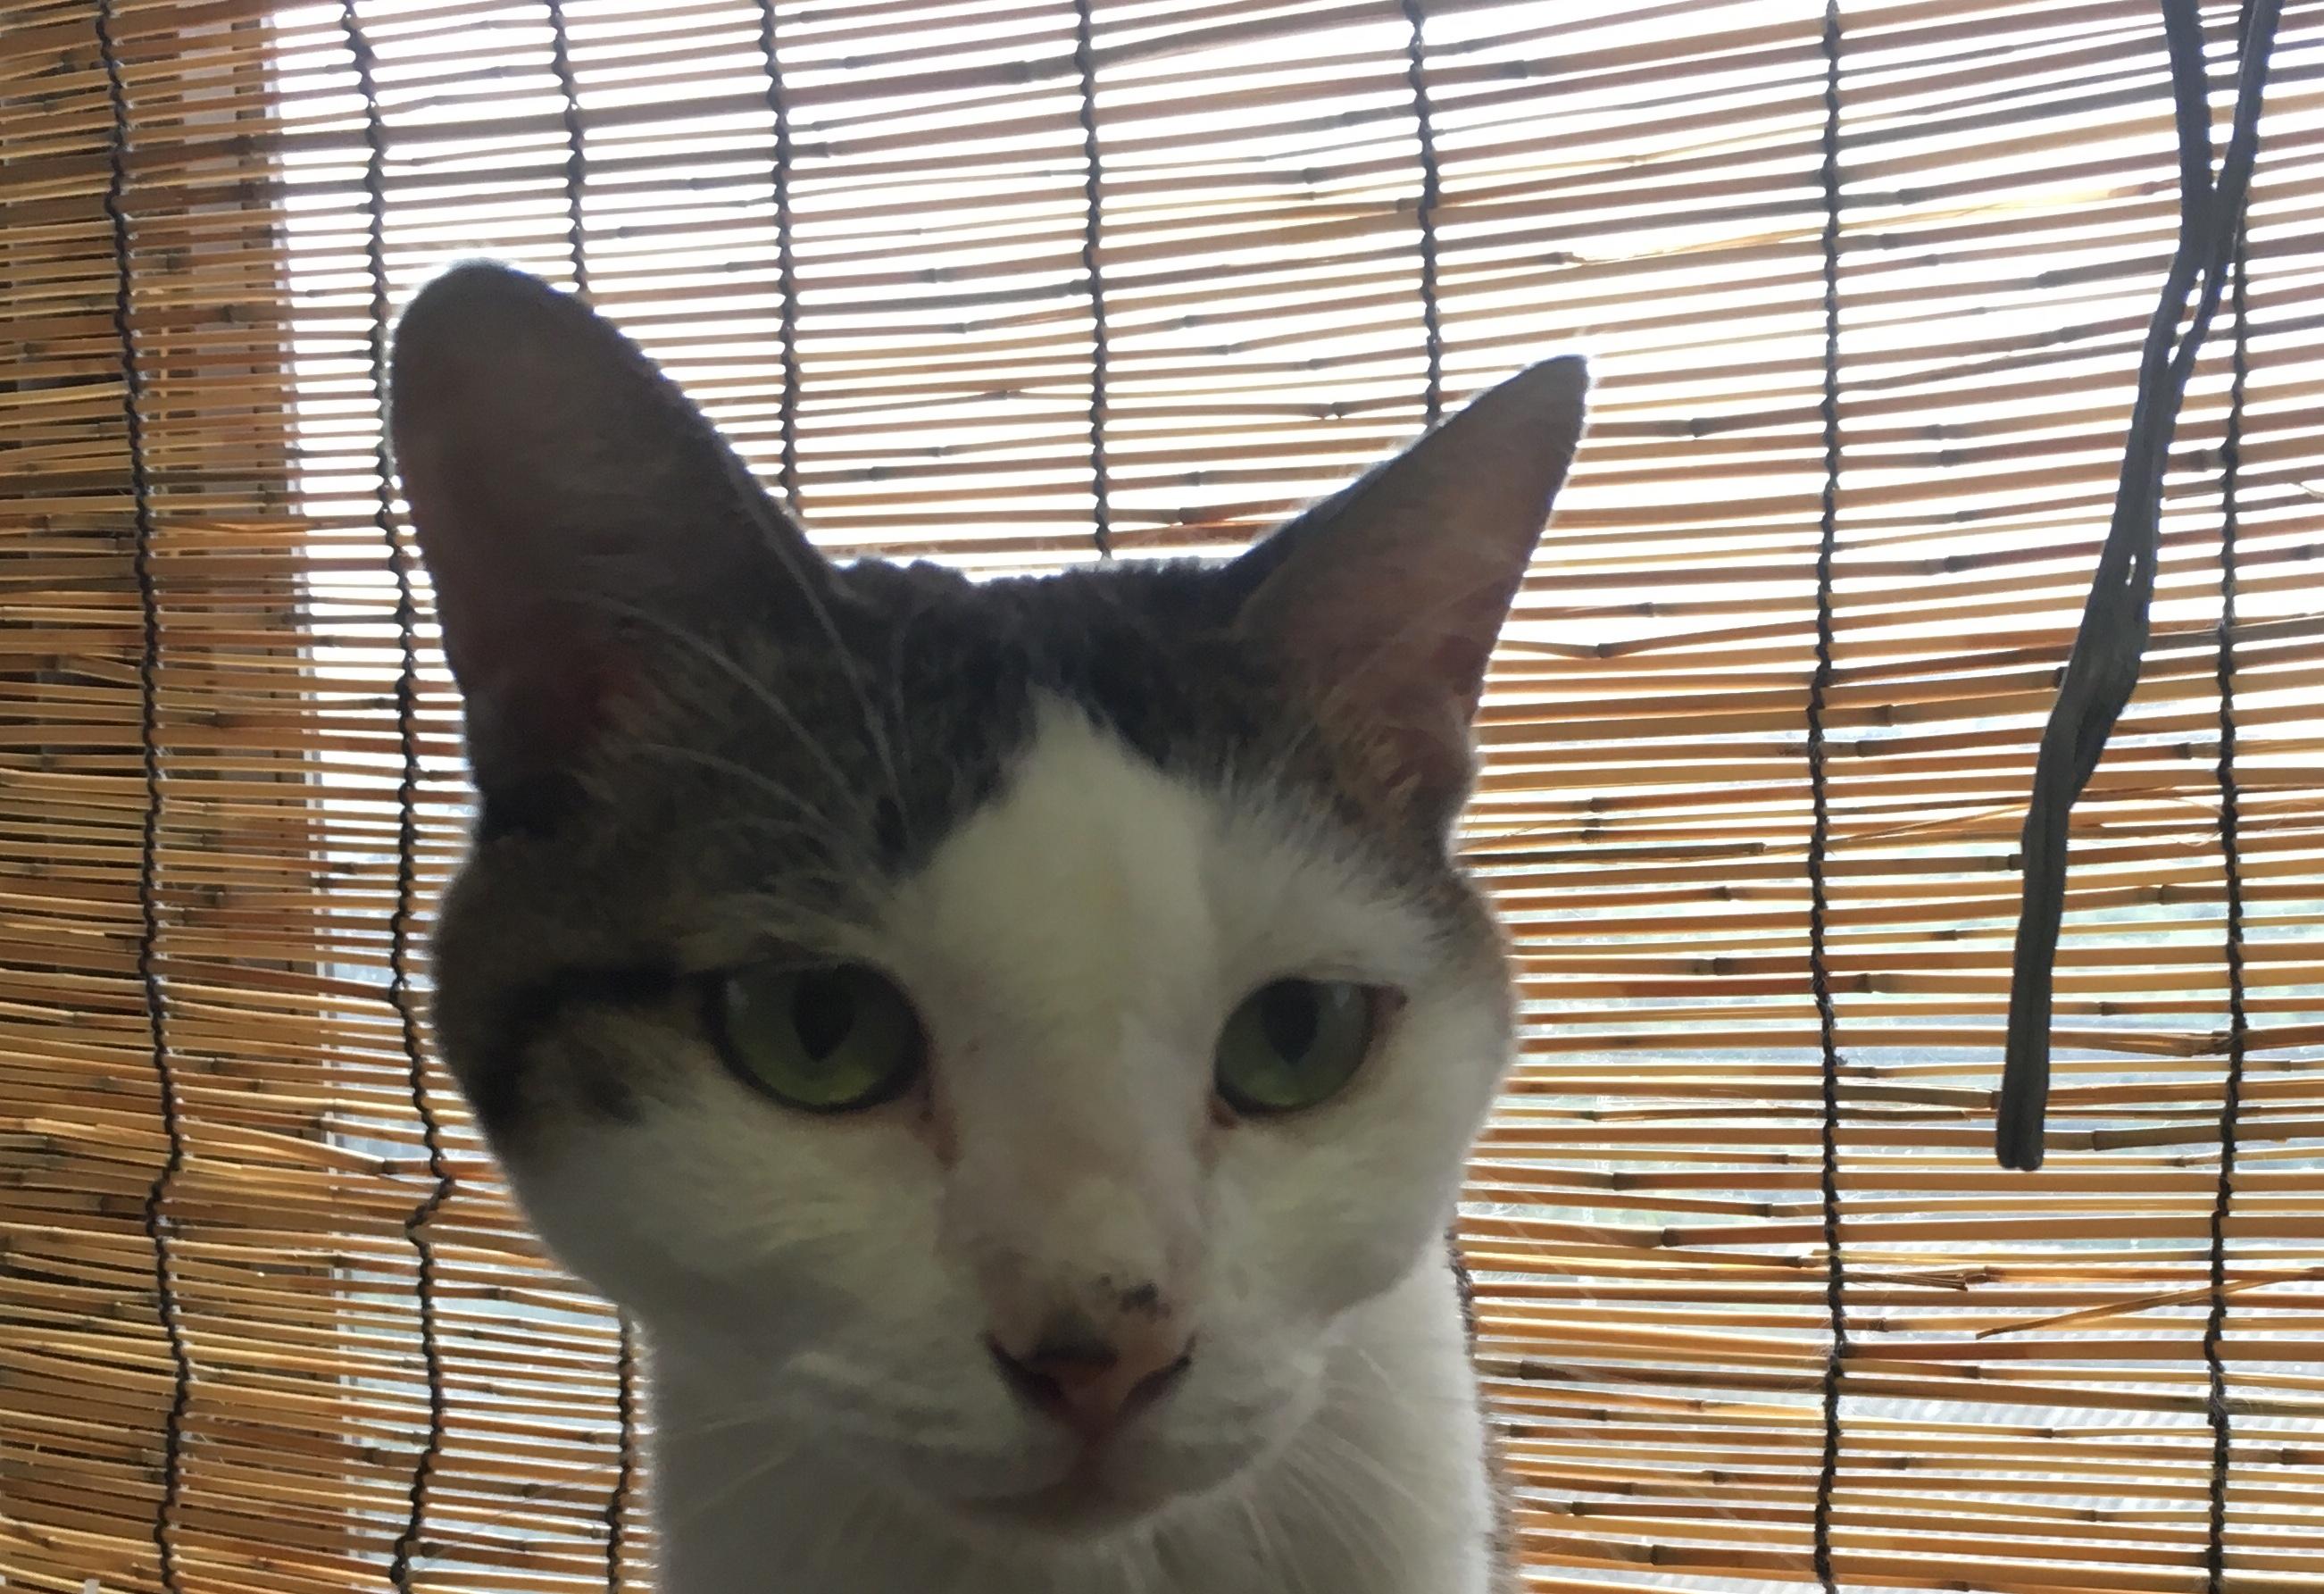 <ul> <li>H3-9</li> <li>猫種:日本猫 キジトラ白</li> <li>性別:女の子</li> <li>名前:クロりん</li> <li>年齢:8才</li> <li>保護経緯:飼い主様の病気療養により飼育困難になりました</li> <li>その他:避妊済み</li> </ul>